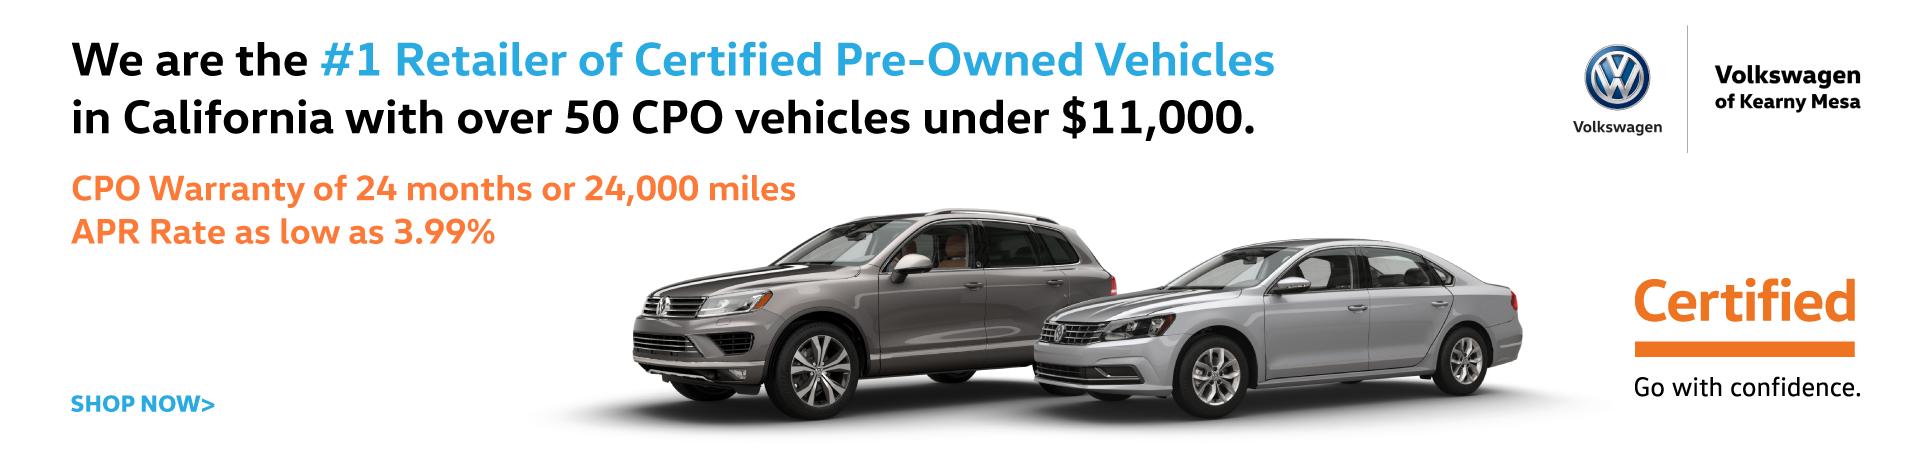 Vw Kearny Mesa >> Vw Kearny Mesa Top New Car Release Date